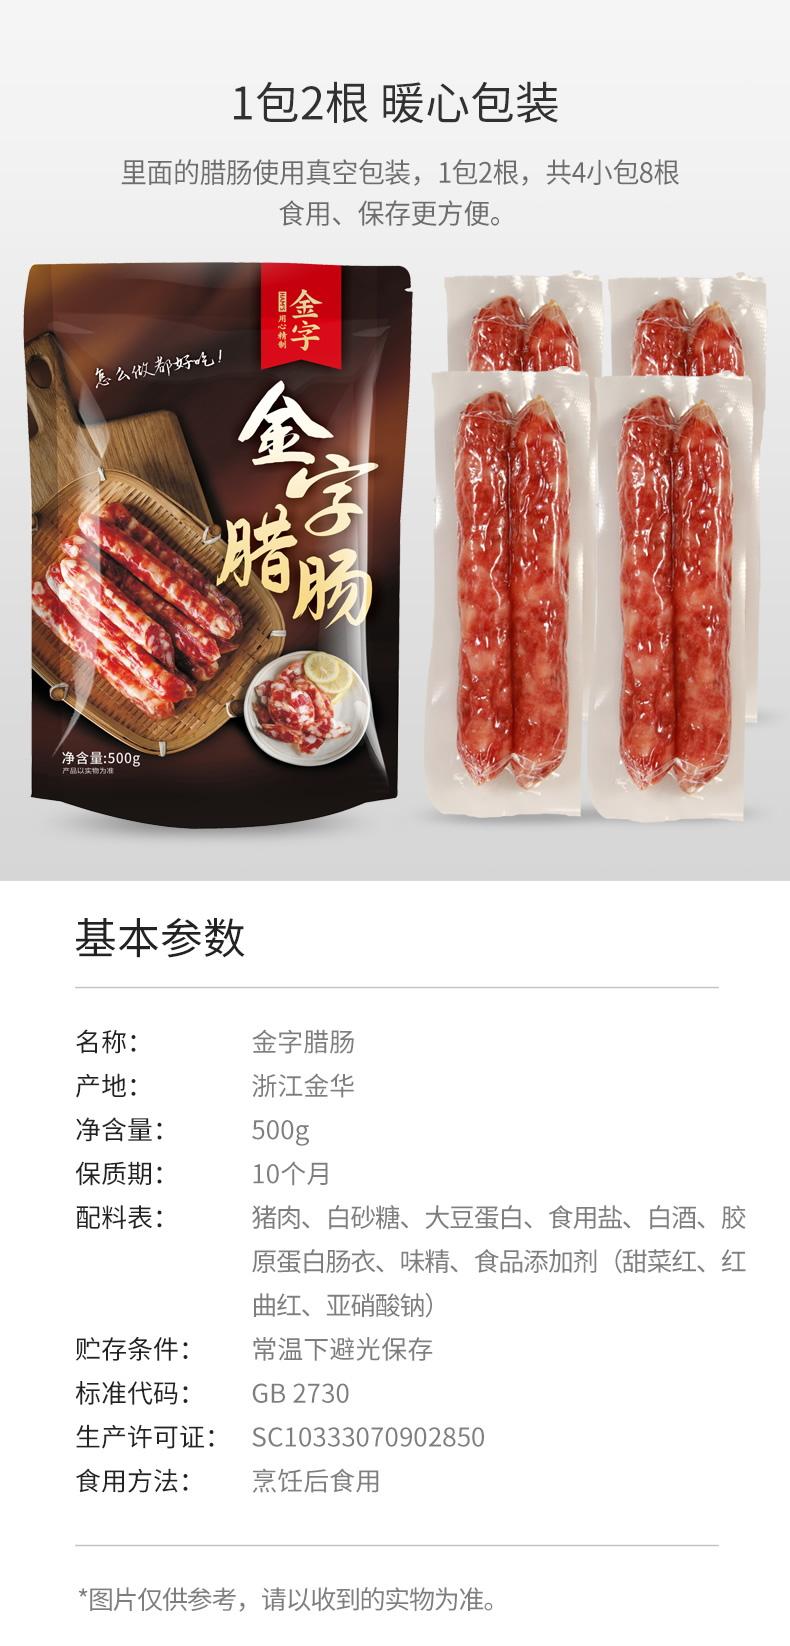 上市企业 金华金字 广式腊肠香肠 500g 图1